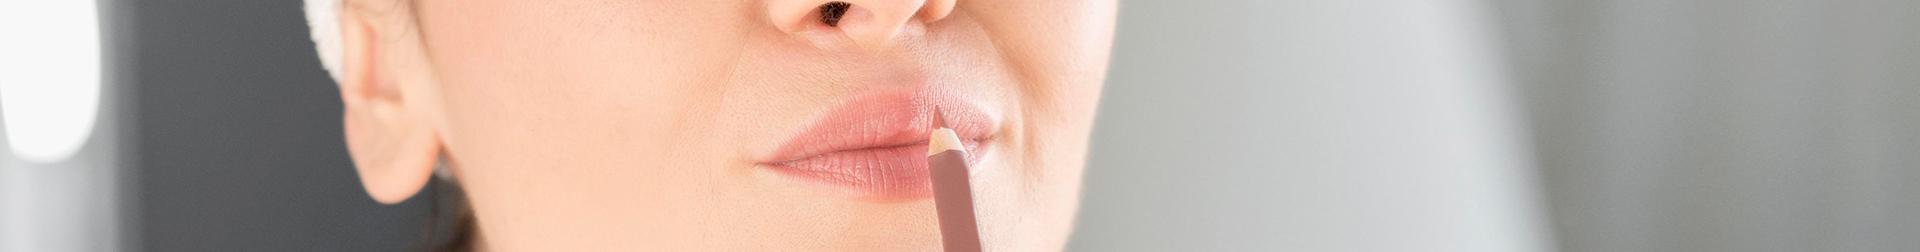 Makeup Lip Products   Buy Lip Crayon Online   AromaCraze